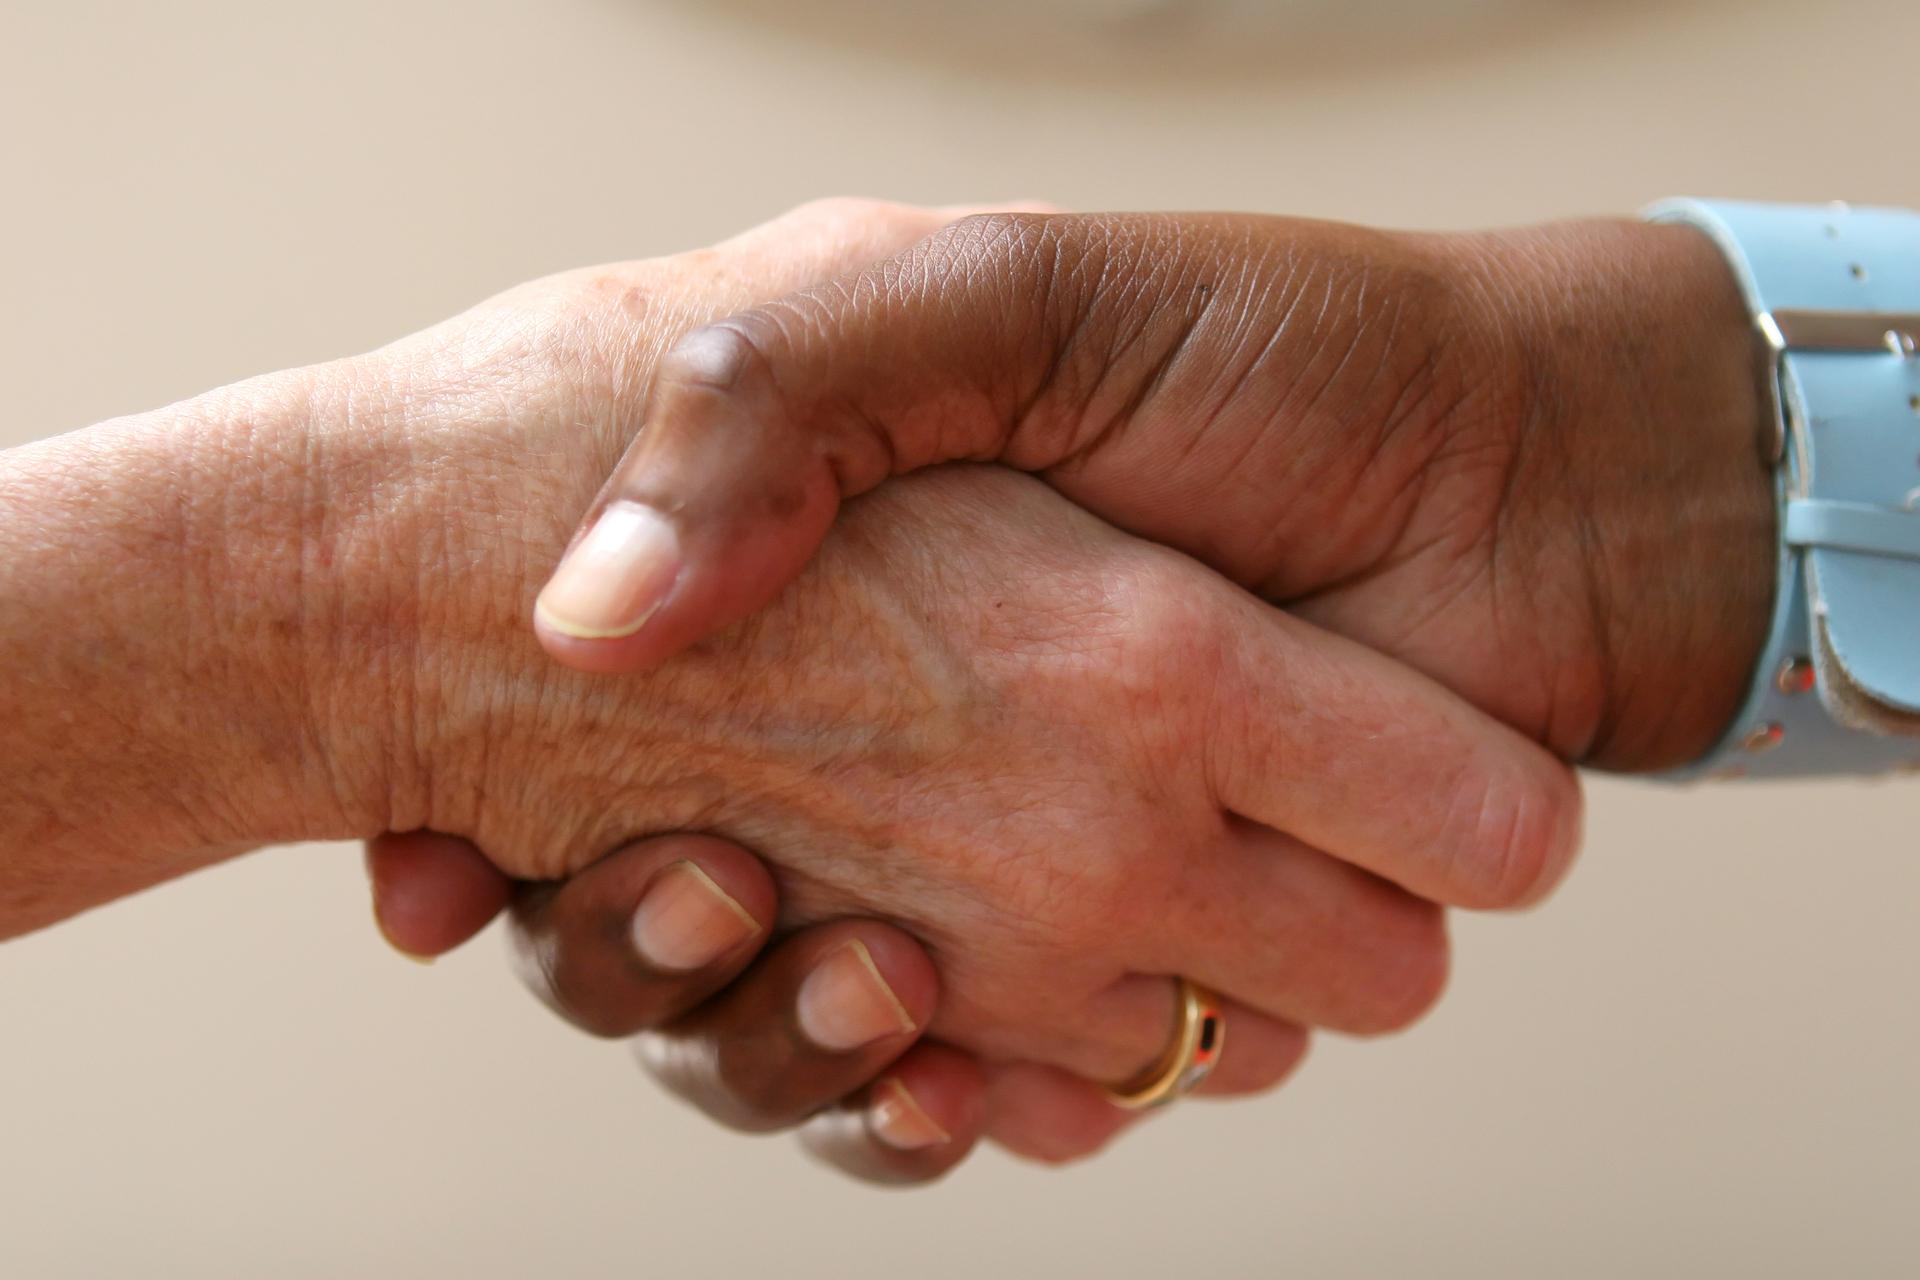 'Niet geven van hand in ziekenhuis is onwenselijk'